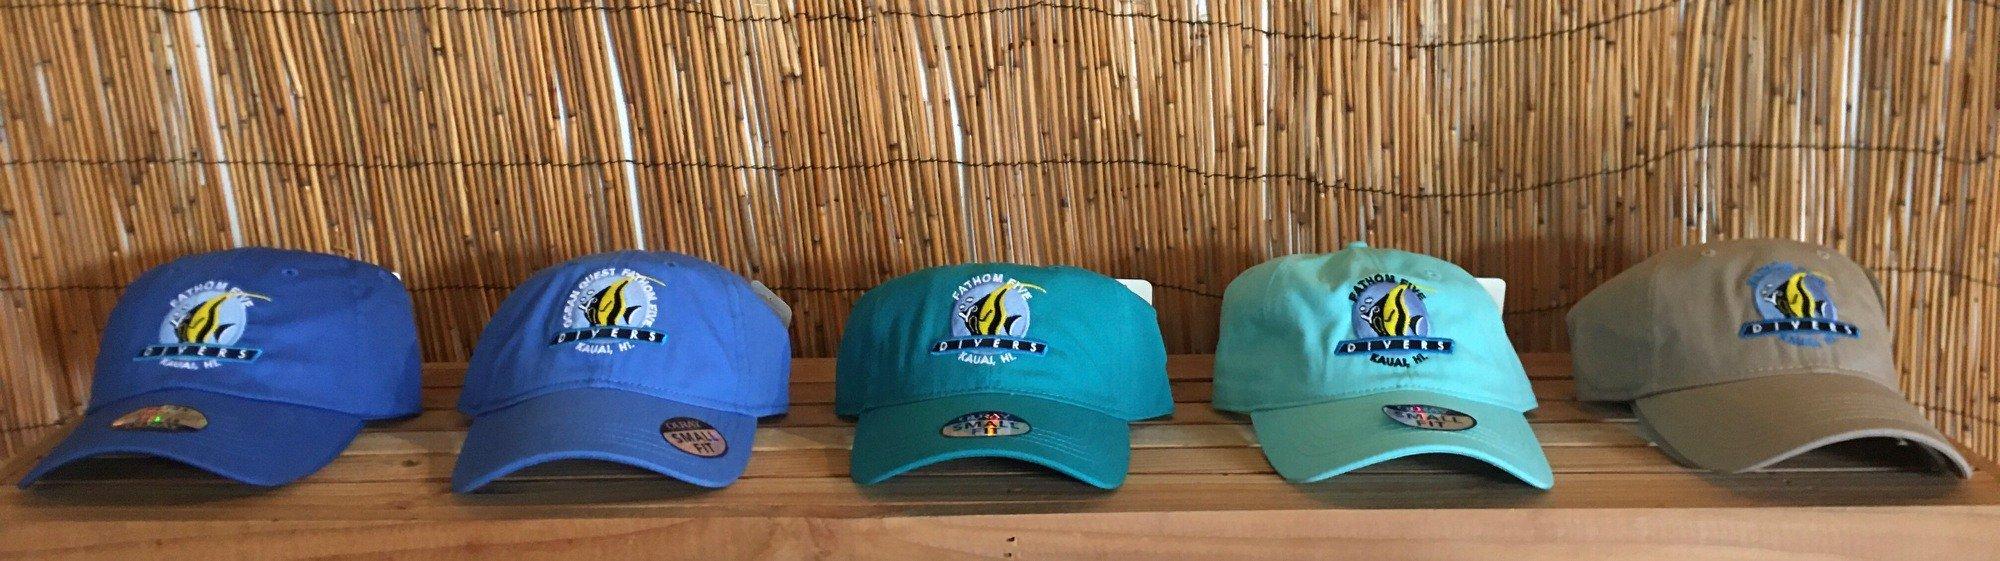 Hats & Visors, Ouray Headgear